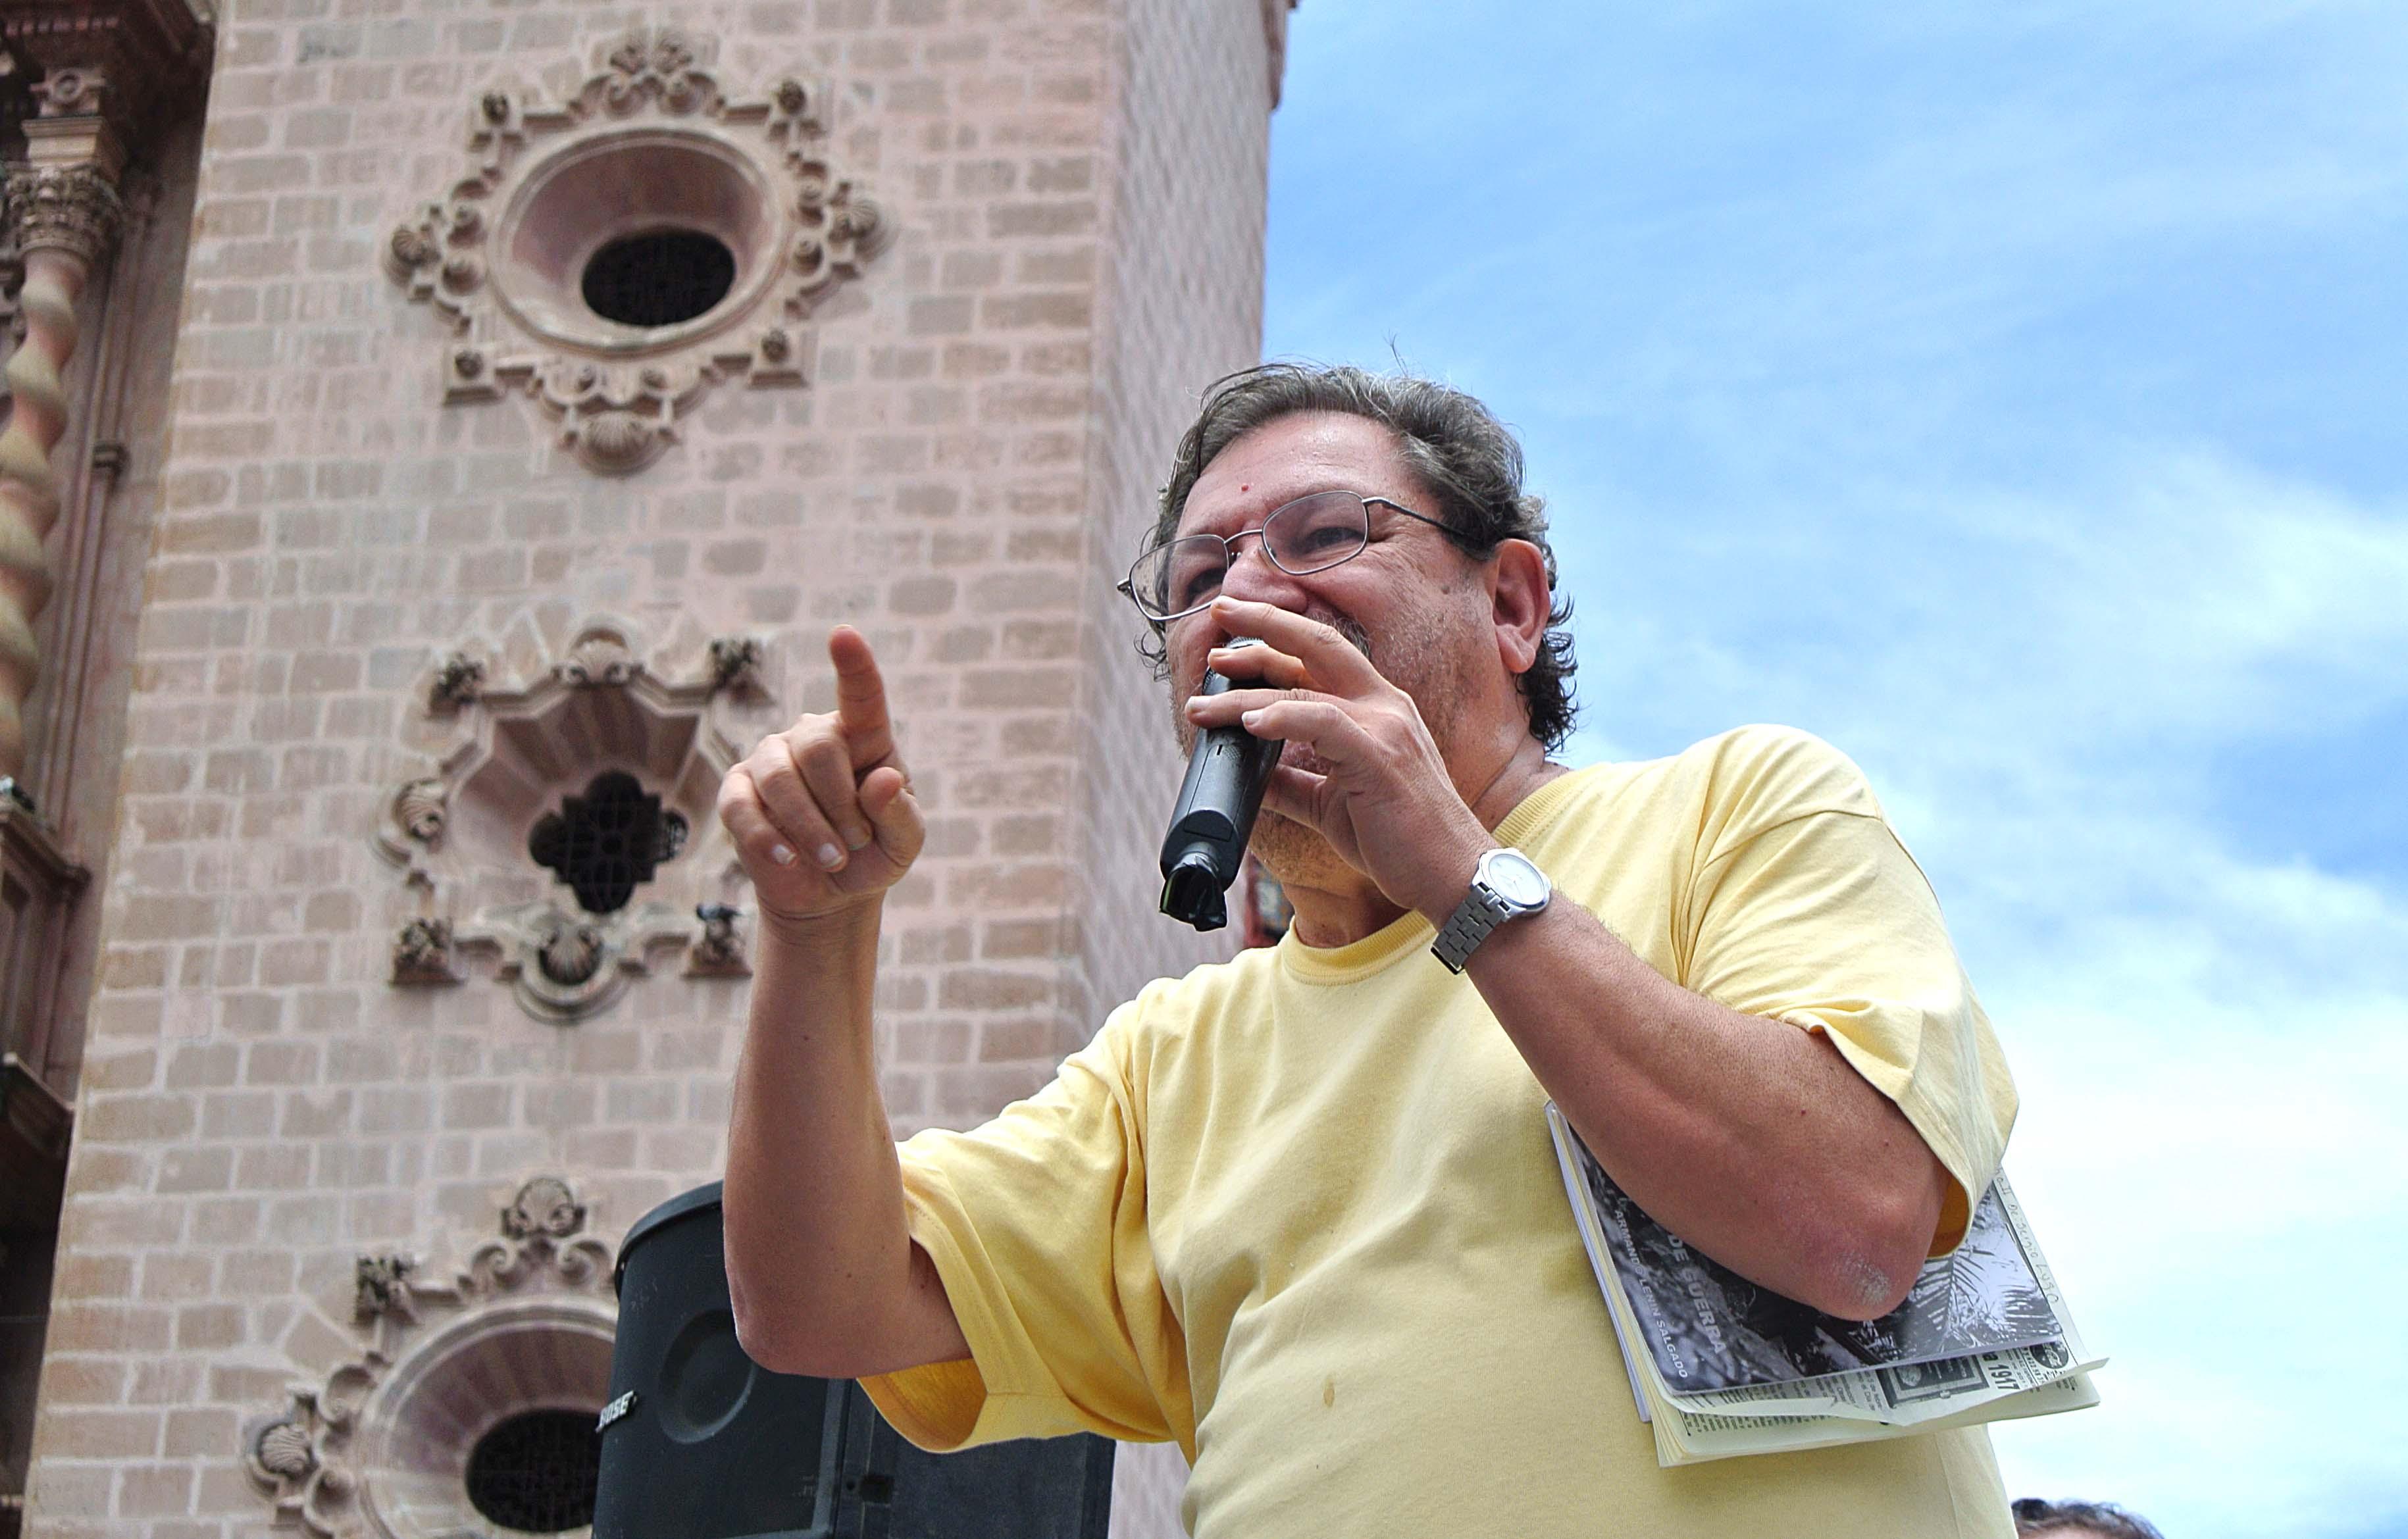 13112018-cv-ignacio-taibo-mineros-taxco.jpg: El escritor y luchador social, Paco Ignacio Taibo, en su cercanía con los mineros y la gente en la marcha por los 7 años de huelga minera en Taxco. Foto: Claudio Viveros.